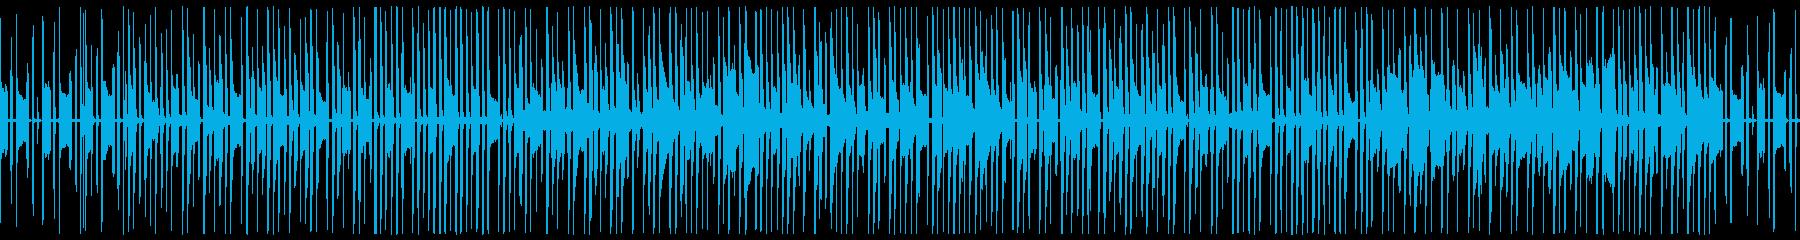 ゲームや配信向けのほのぼのかわいい日常系の再生済みの波形